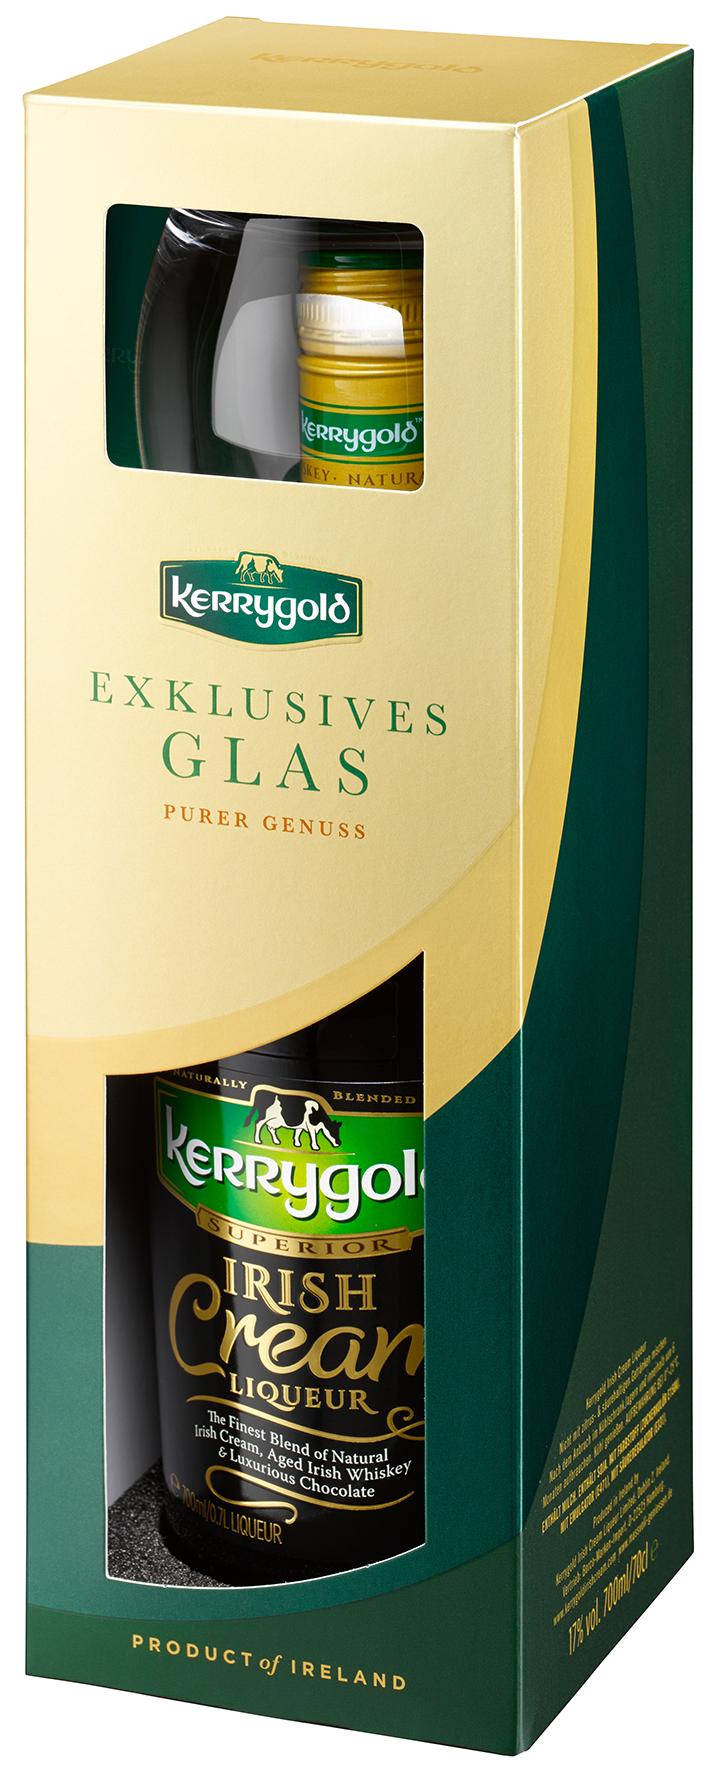 Aktionsflasche mit hochwertigem Tumbler-Glas